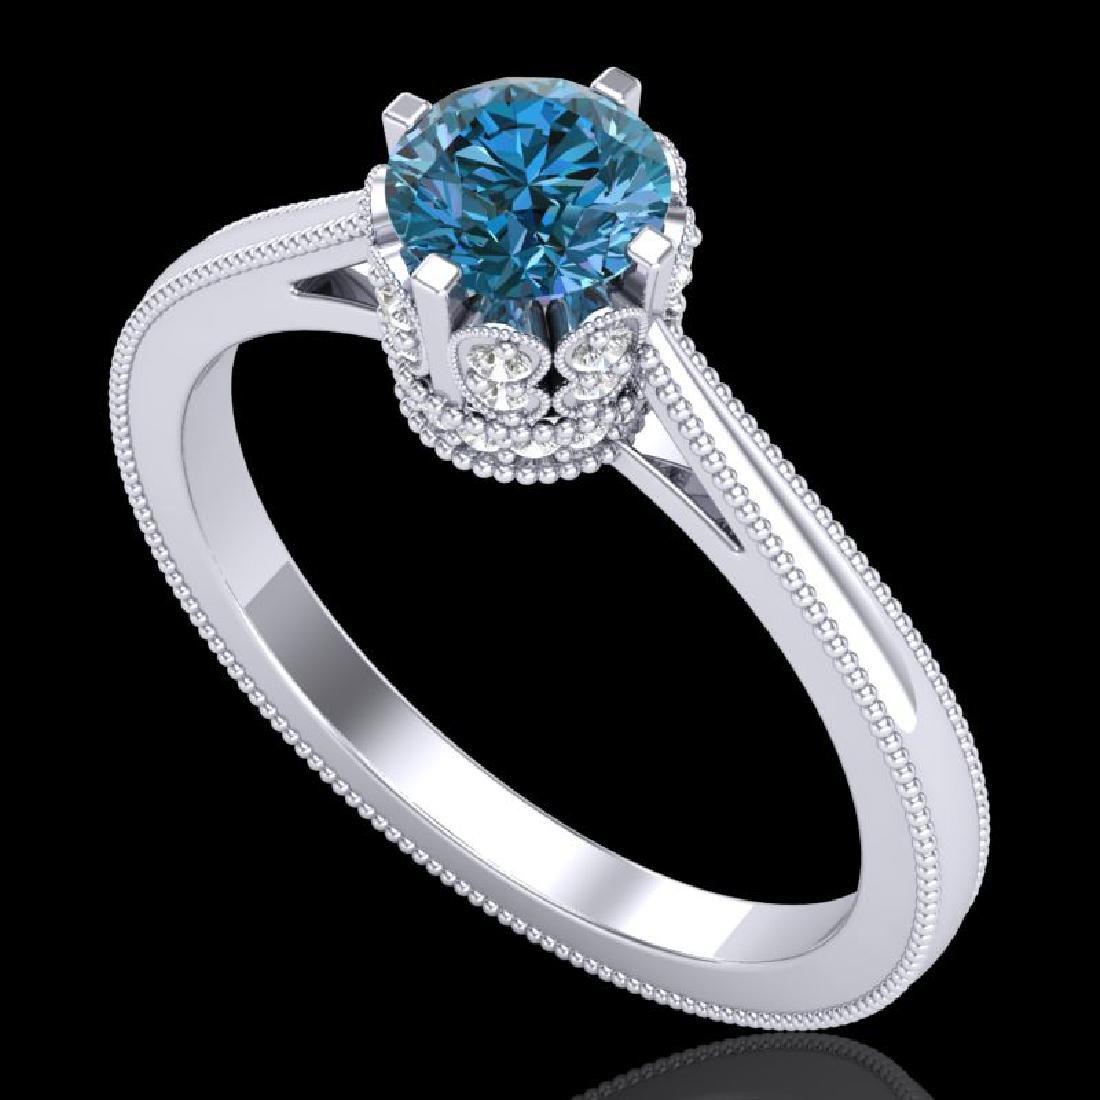 0.81 CTW Fancy Intense Blue Diamond Solitaire Art Deco